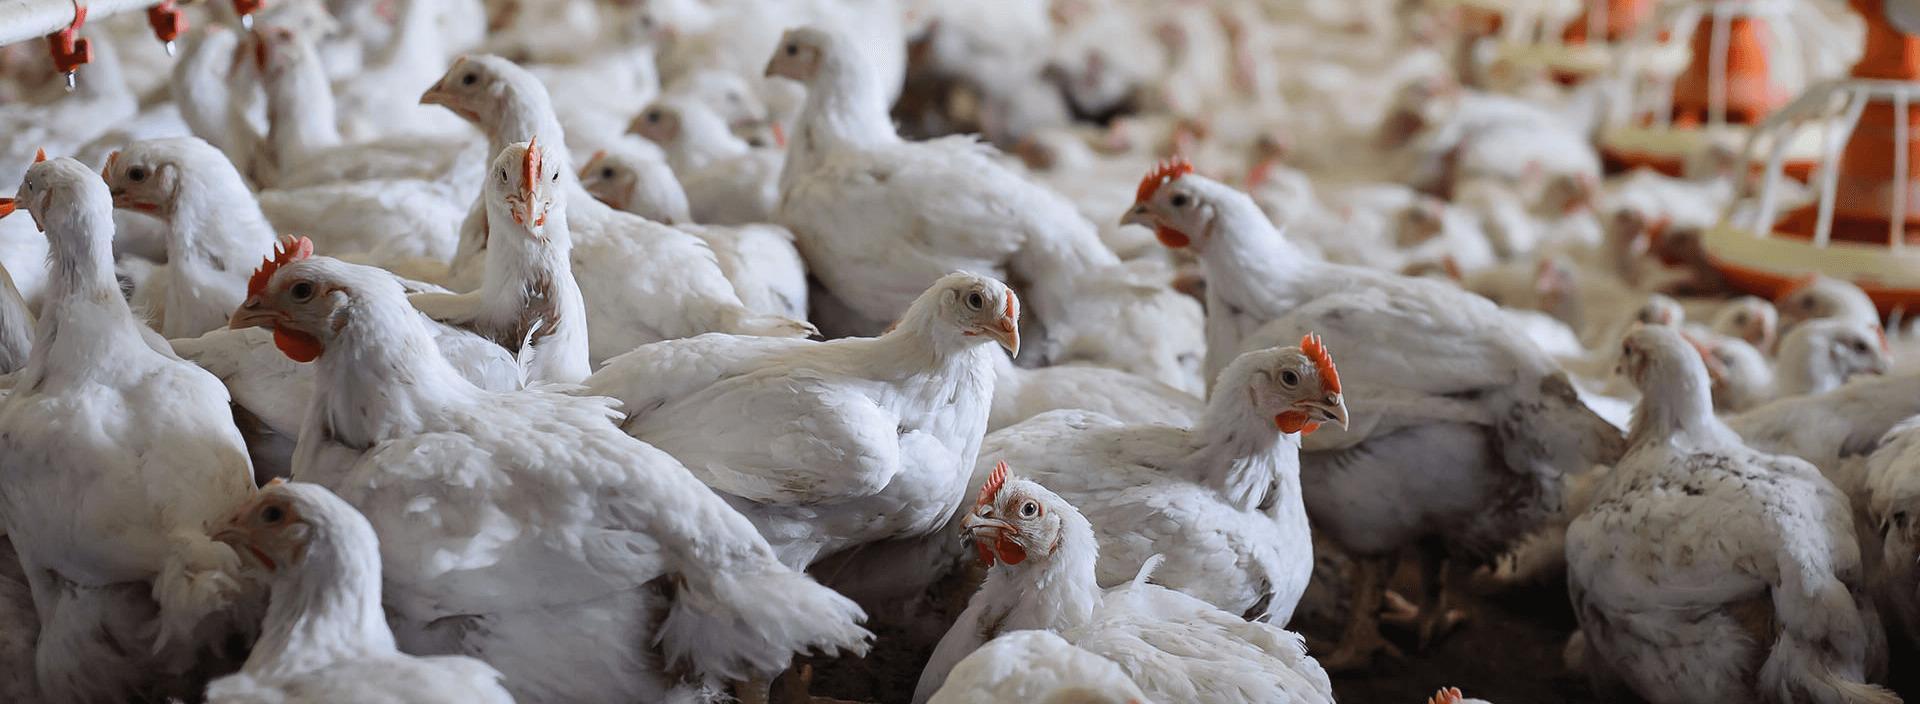 Каковы нормы кормления цыплят-бройлеров на разных этапах жизни